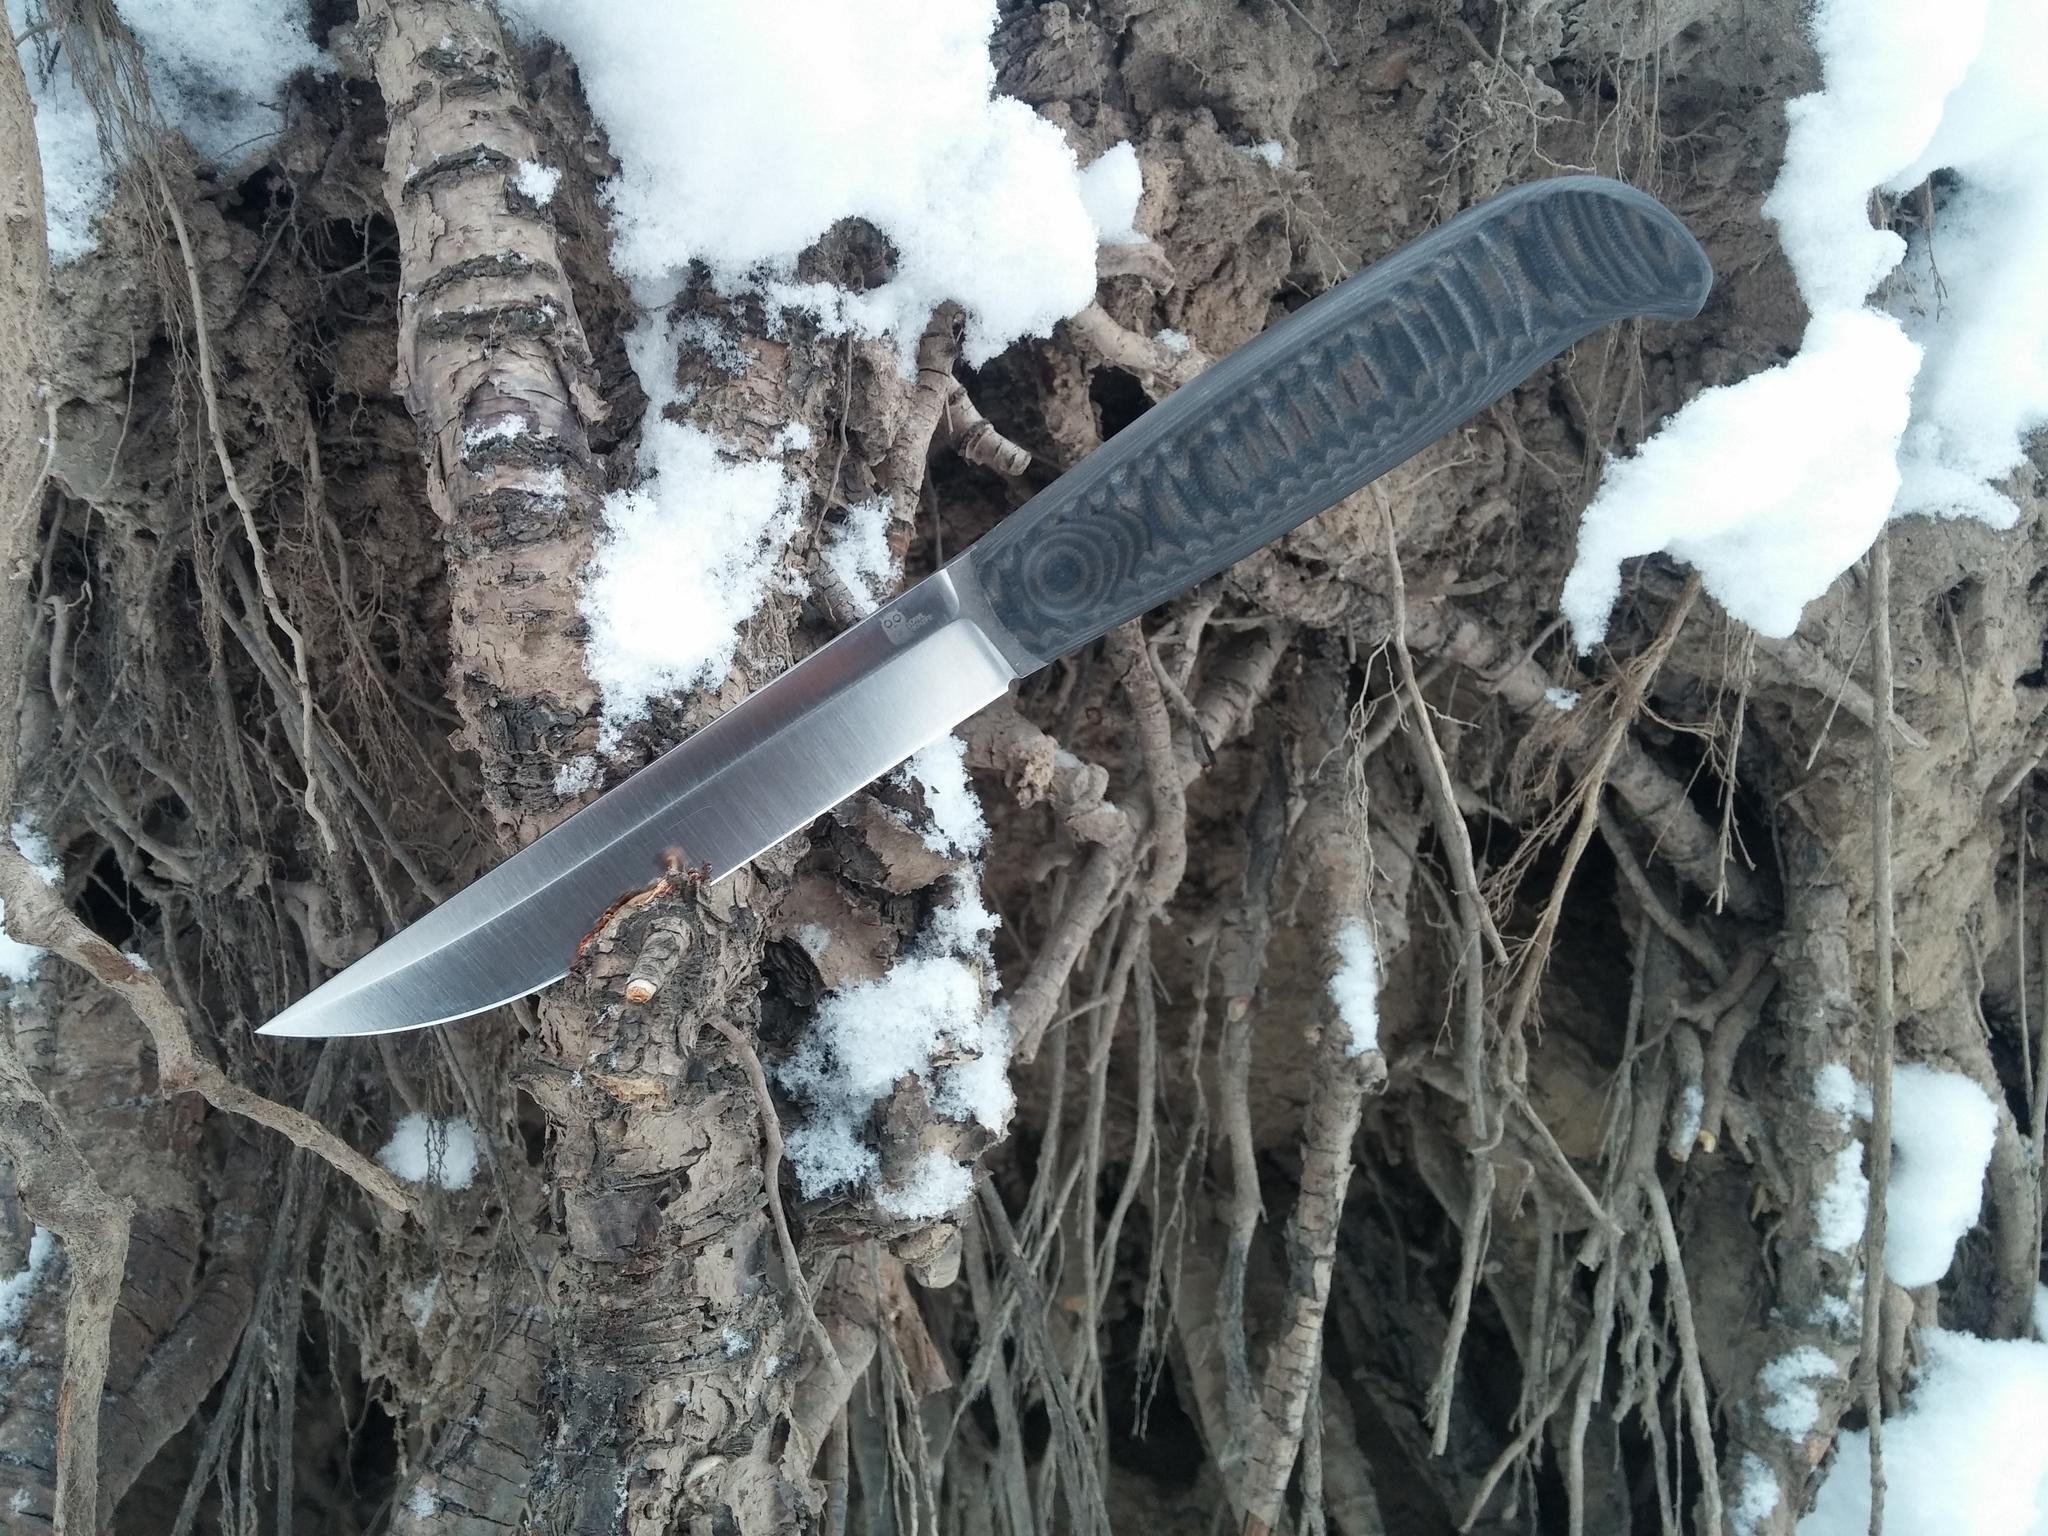 Фото 3 - Финка с грибком и каплей North, N690 от Owl Knife